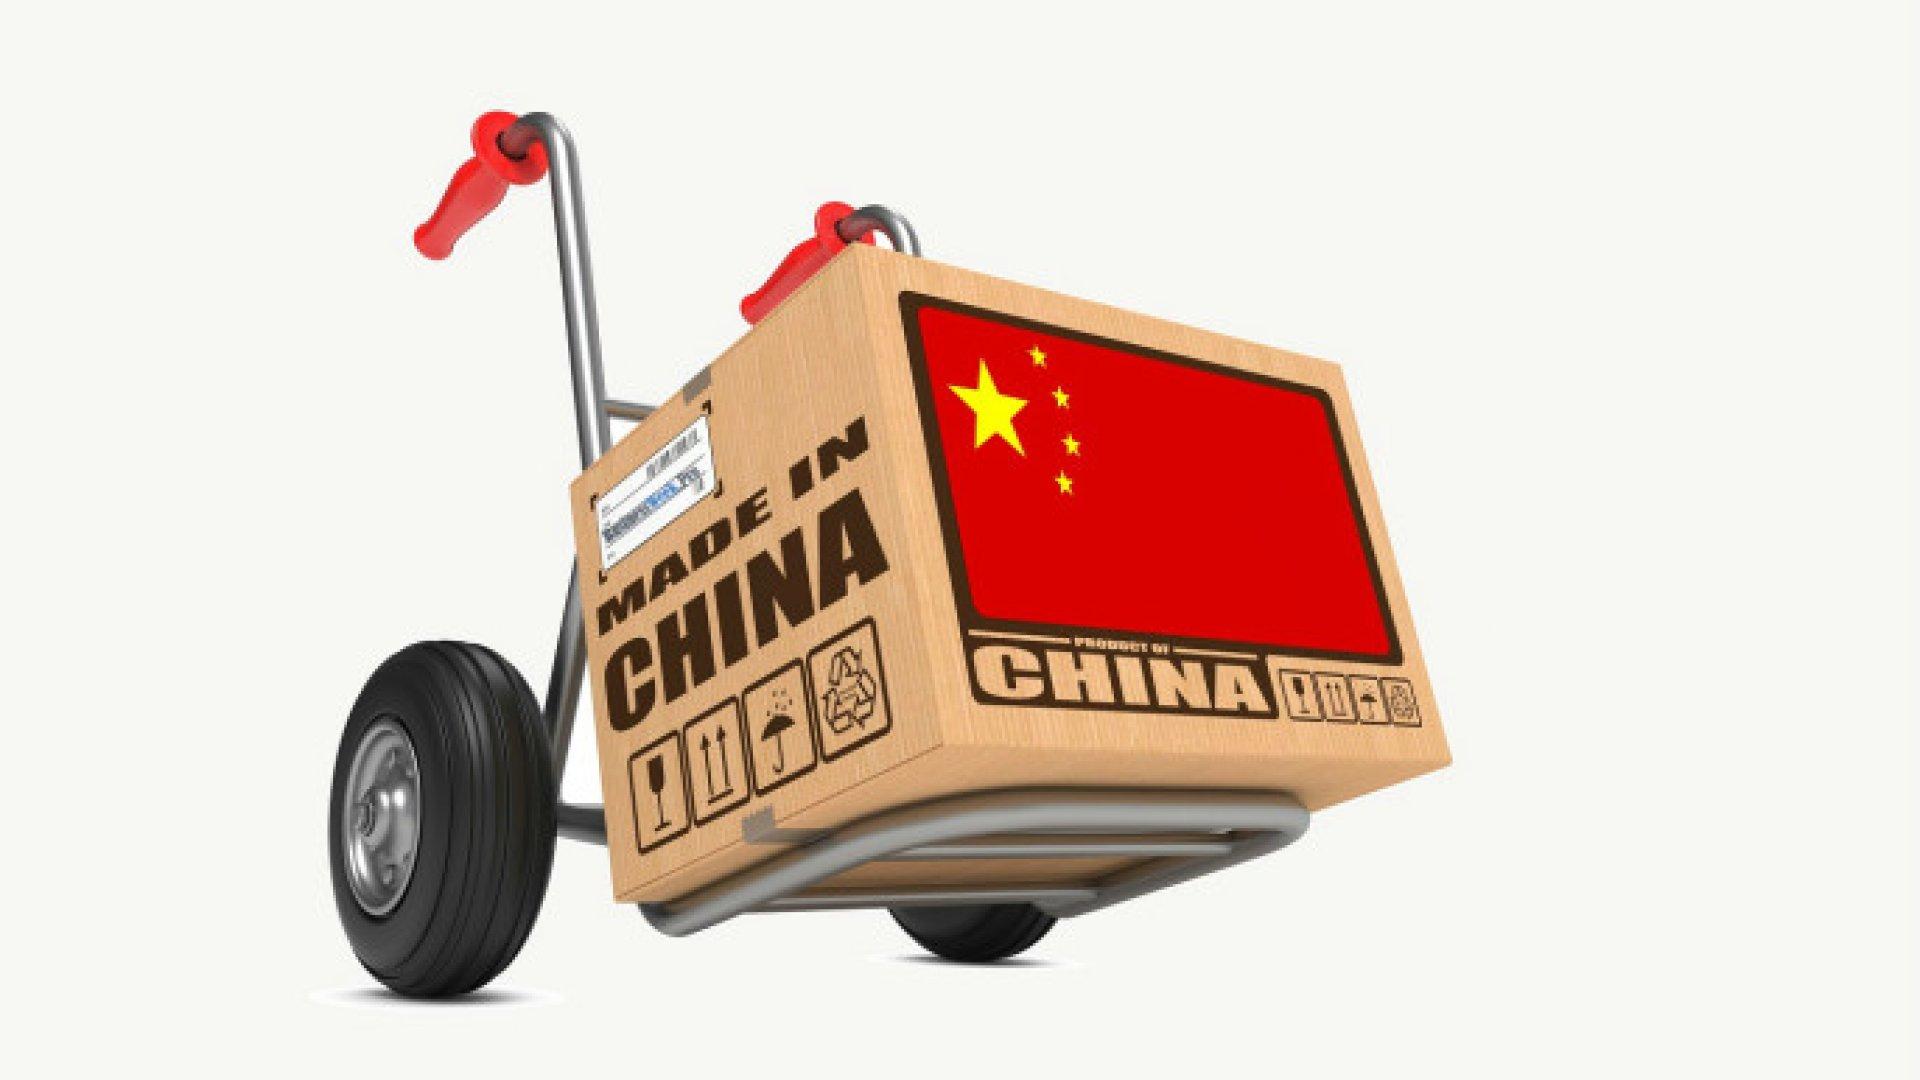 Já pensou em trabalhar revendendo produtos da China?